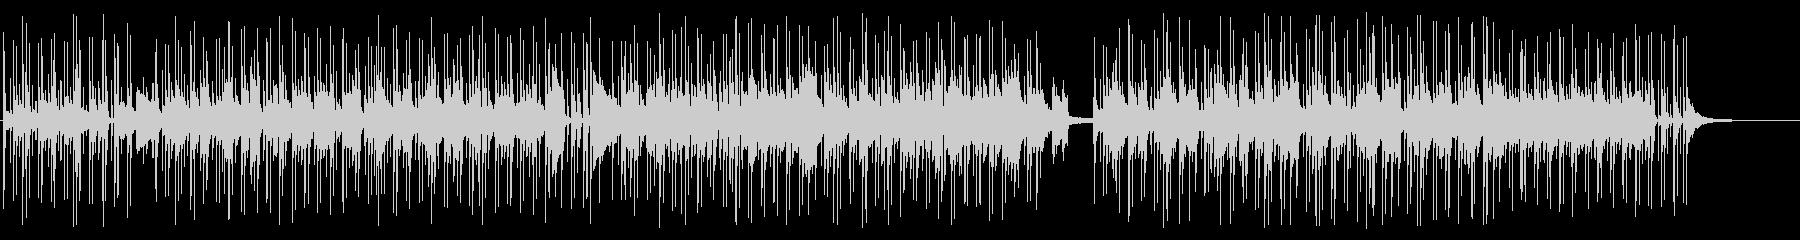 穏やかなアコースティックギターのボサノバの未再生の波形